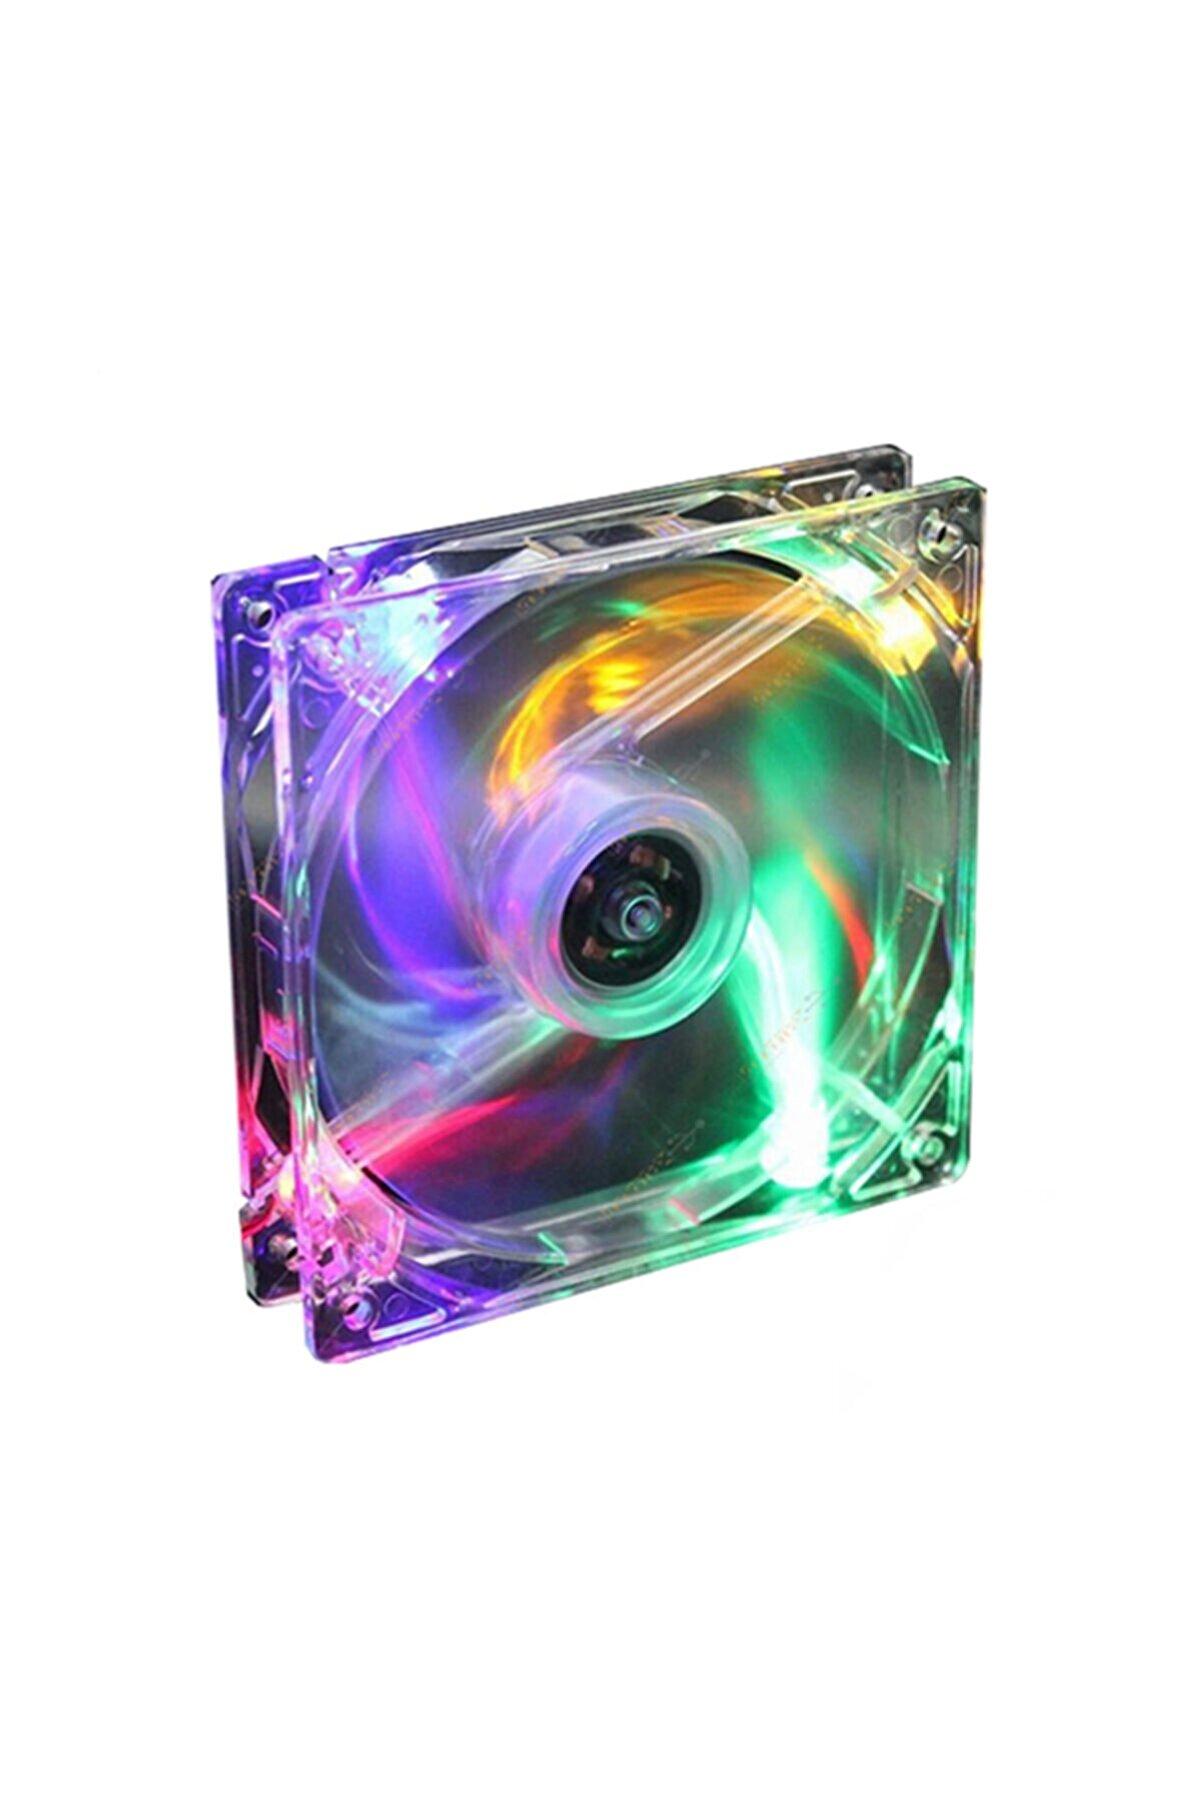 WOZLO 8 Cm Kasa Fanı 4 Renk Sıfır Sessiz Işıklı Vidalı